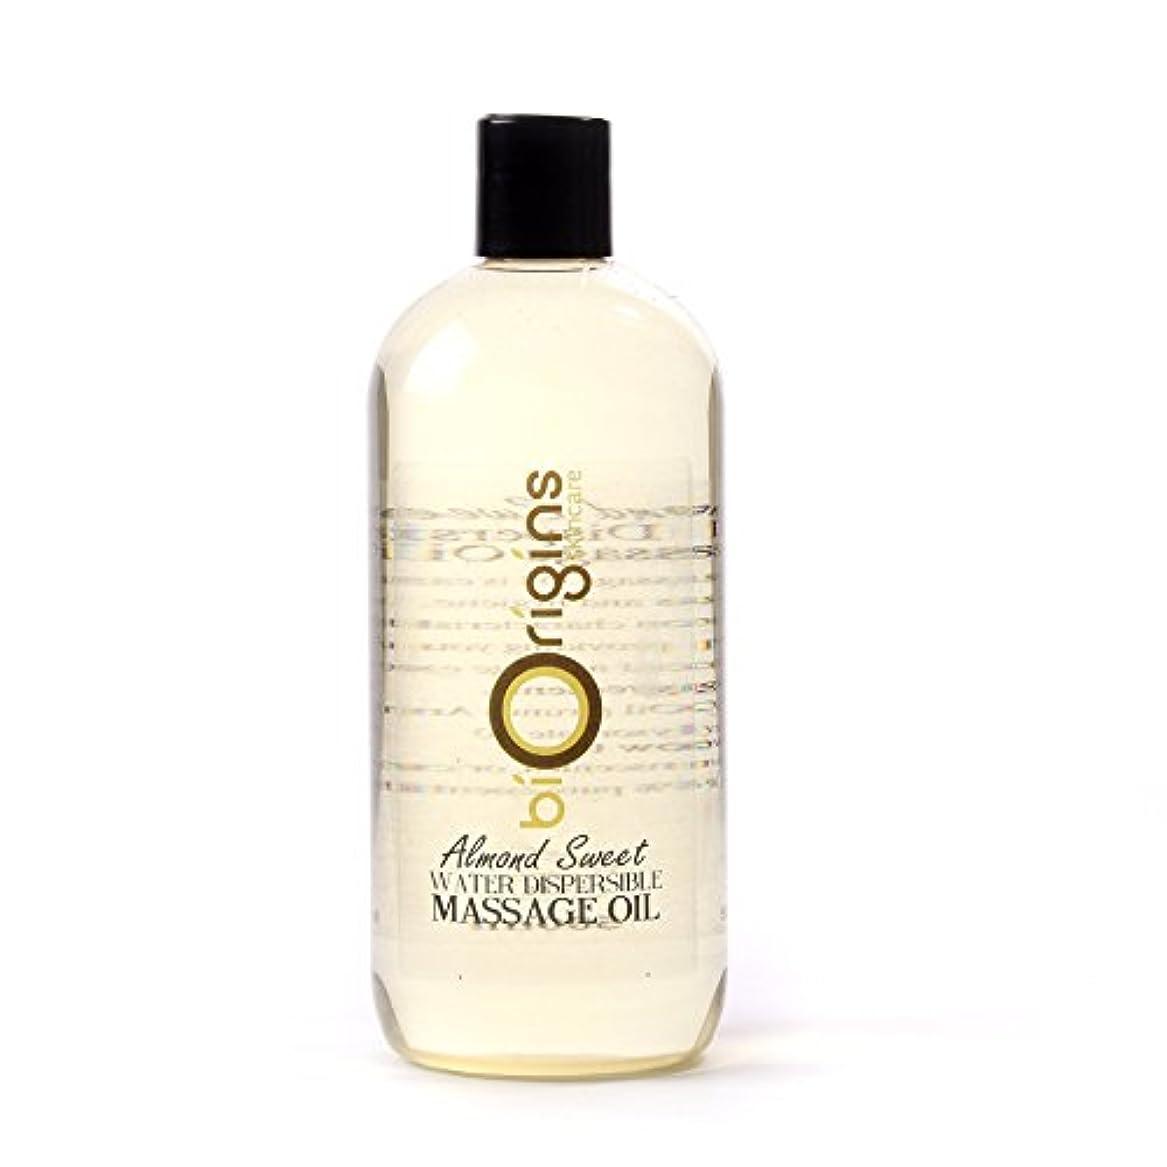 振り向くページェント炭素Almond Sweet Water Dispersible Massage Oil - 500ml - 100% Pure